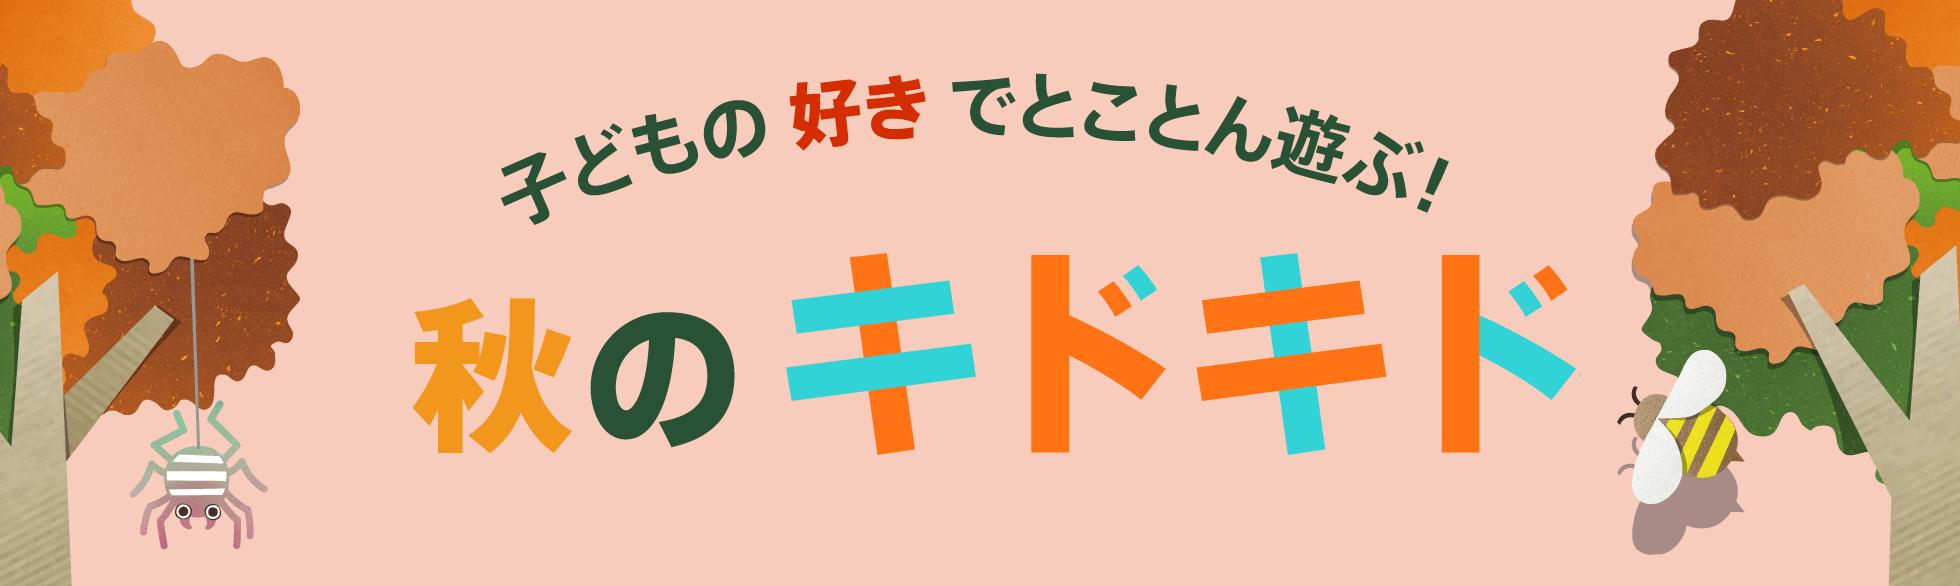 休日1DAYパス発売!特別イベント開催 キドキドの秋